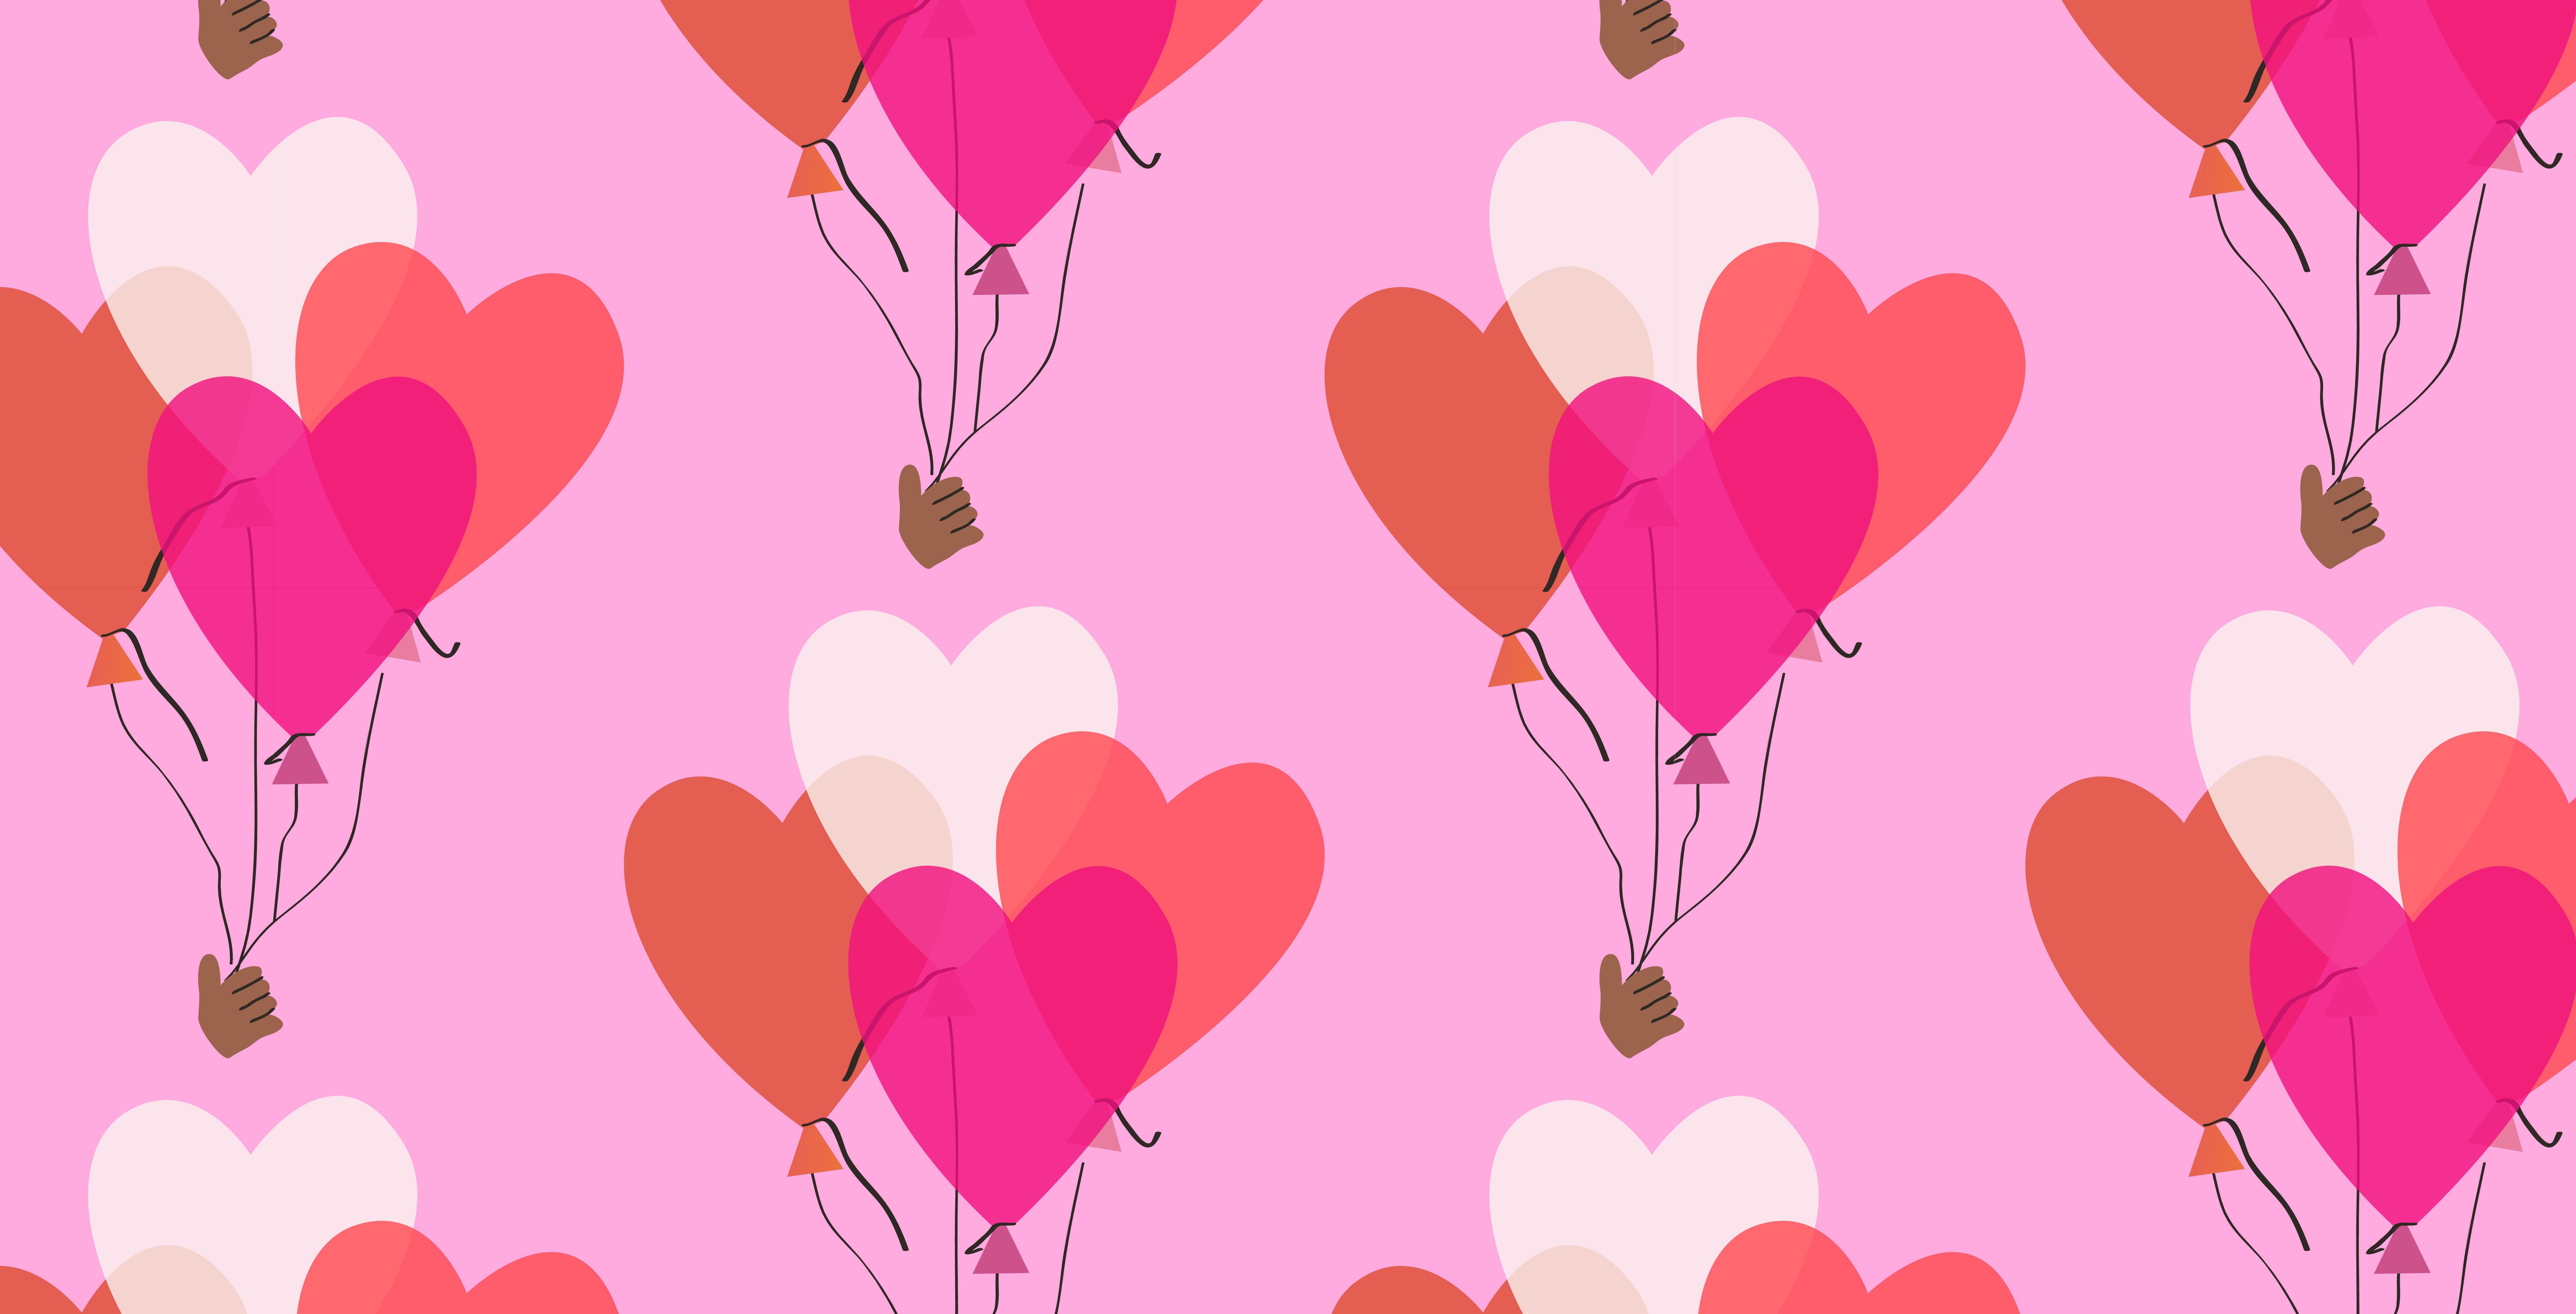 Uitgelezene Romantische Valentijn ideeën - verras je lief hiermee XR-81